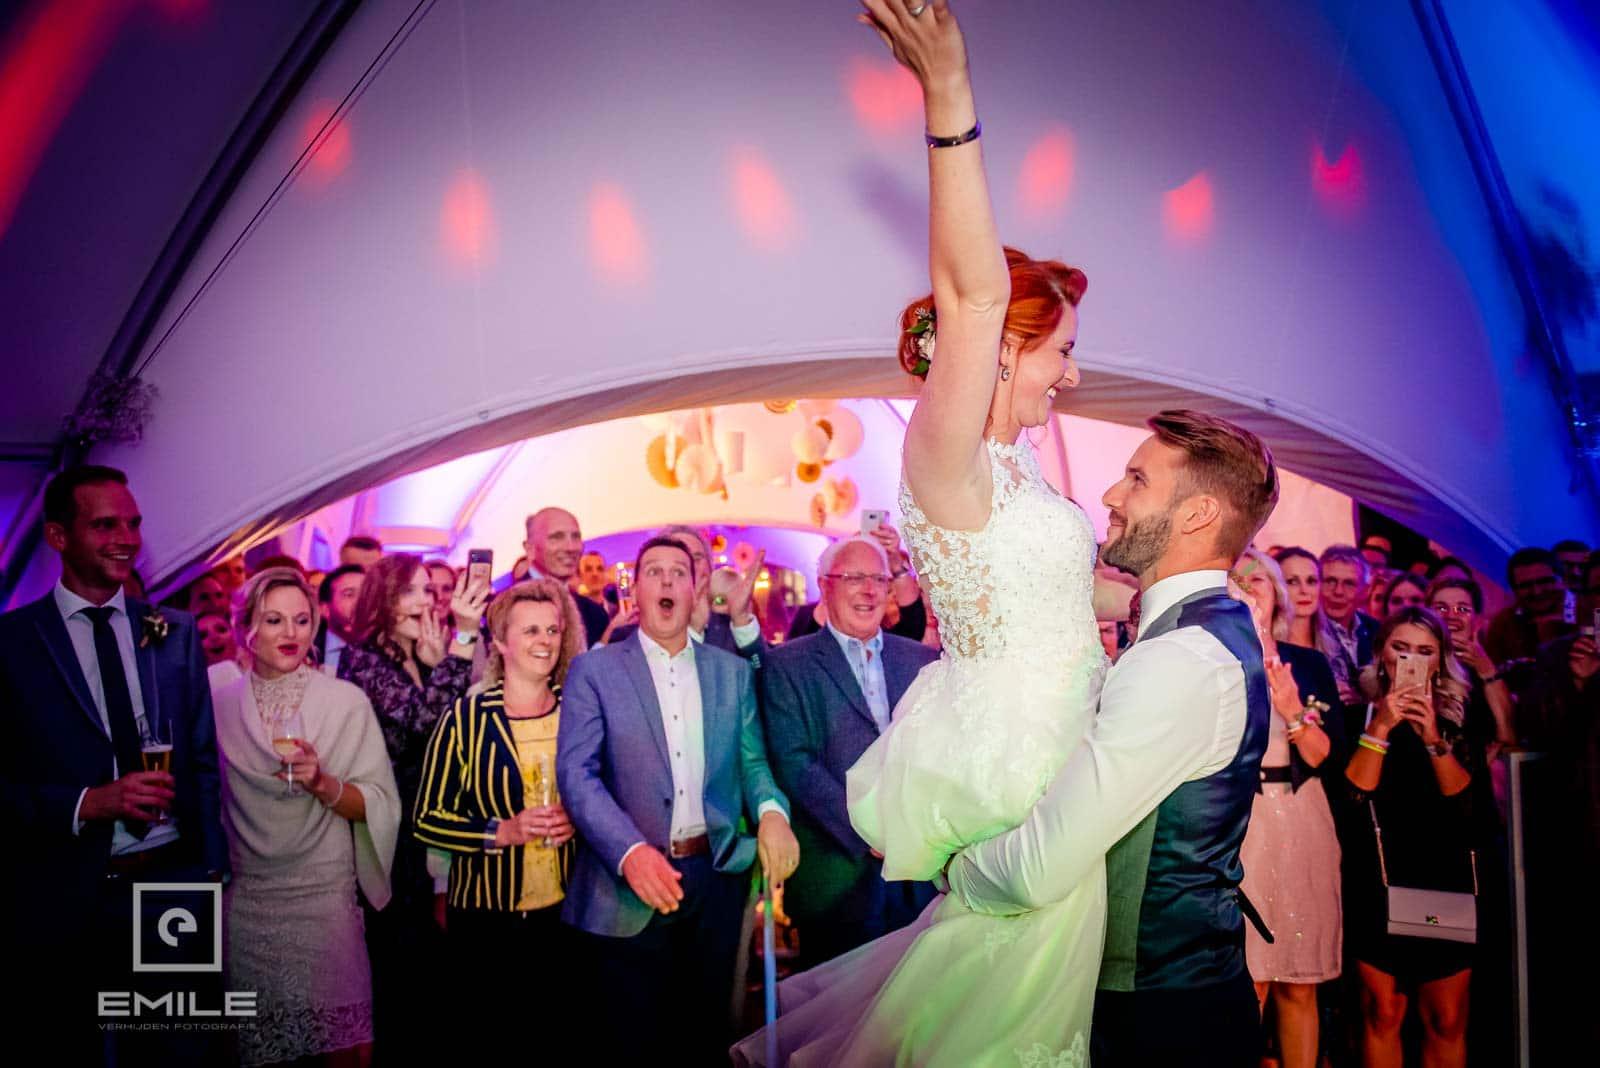 De bruid wordt in de lucht getild. Trouwen in Limburg